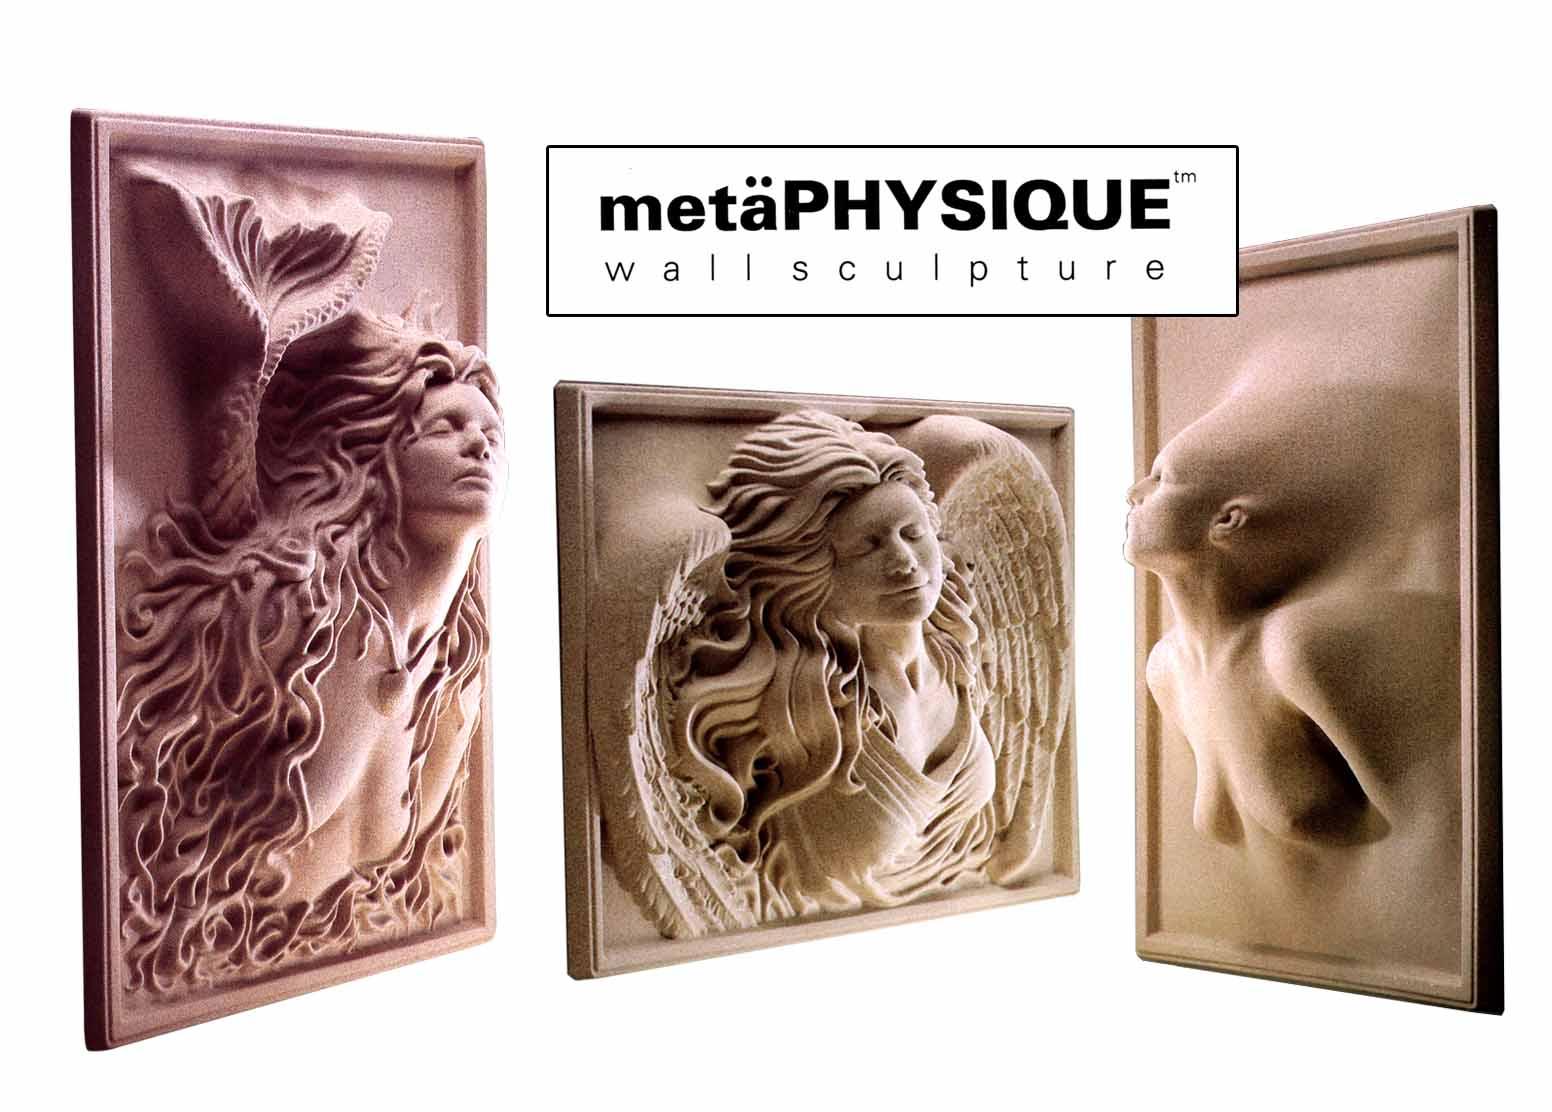 https://0201.nccdn.net/1_2/000/000/09c/55e/Meta_Sand_Sculpt_web_1994.jpg